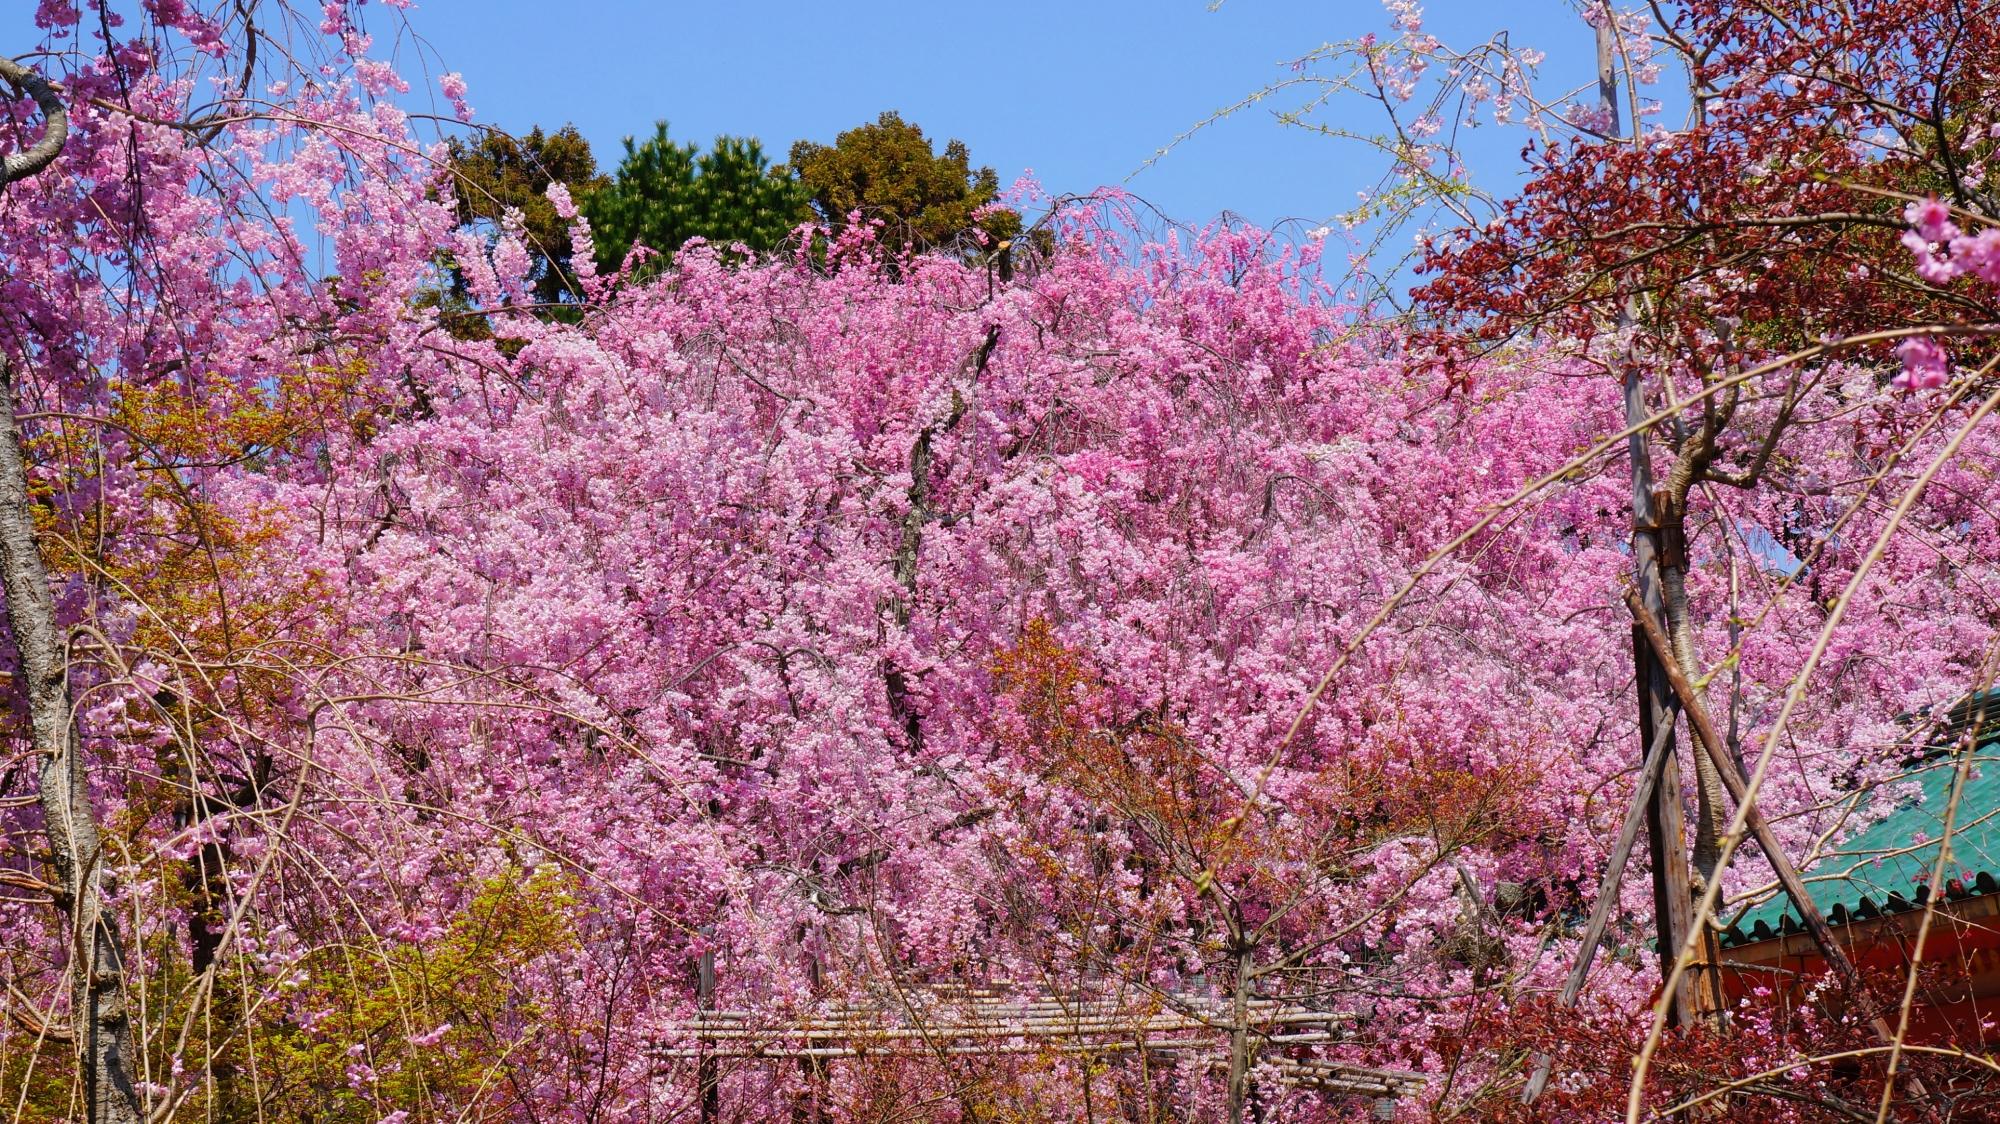 満開のしだれ桜で賑わう平安神宮の神苑